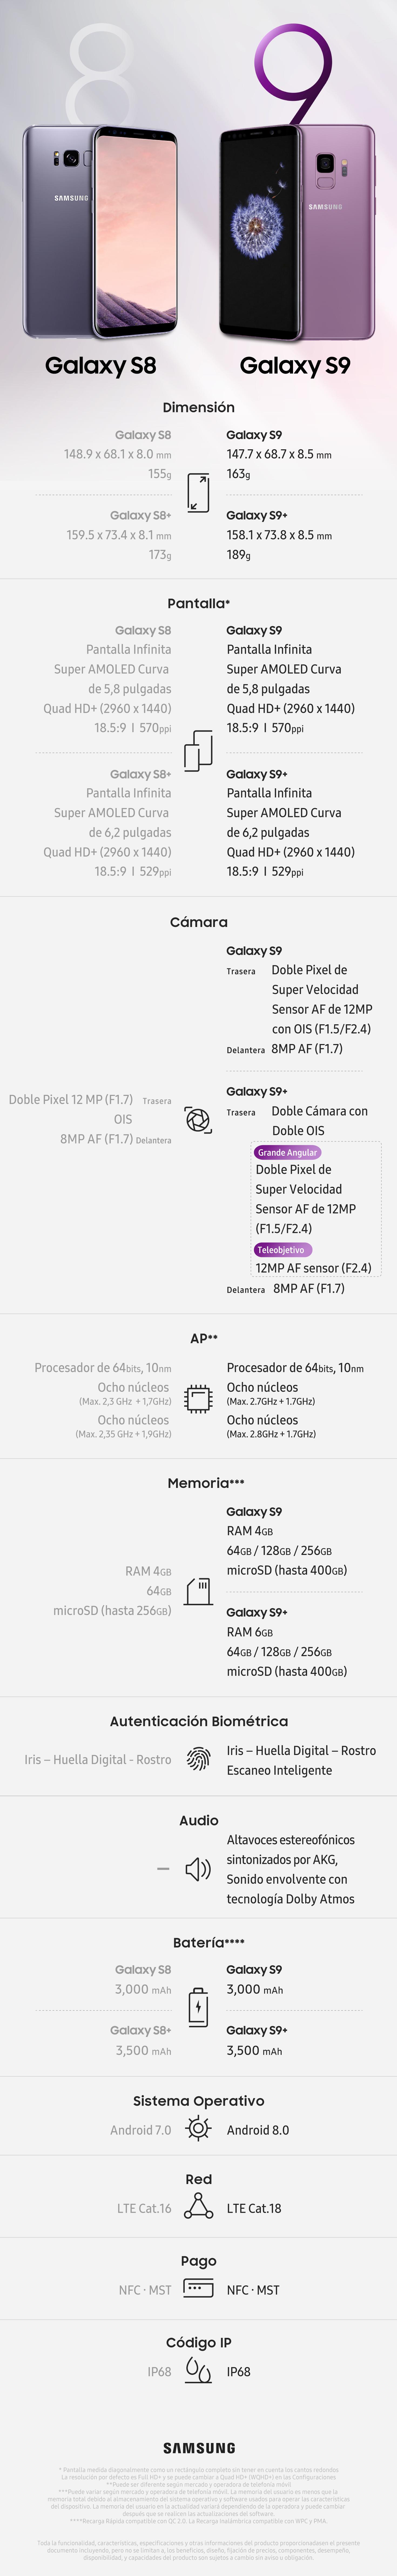 Infografía] Comparación de especificaciones: el Galaxy S9 vs. el Galaxy S8  – Samsung Newsroom Argentina